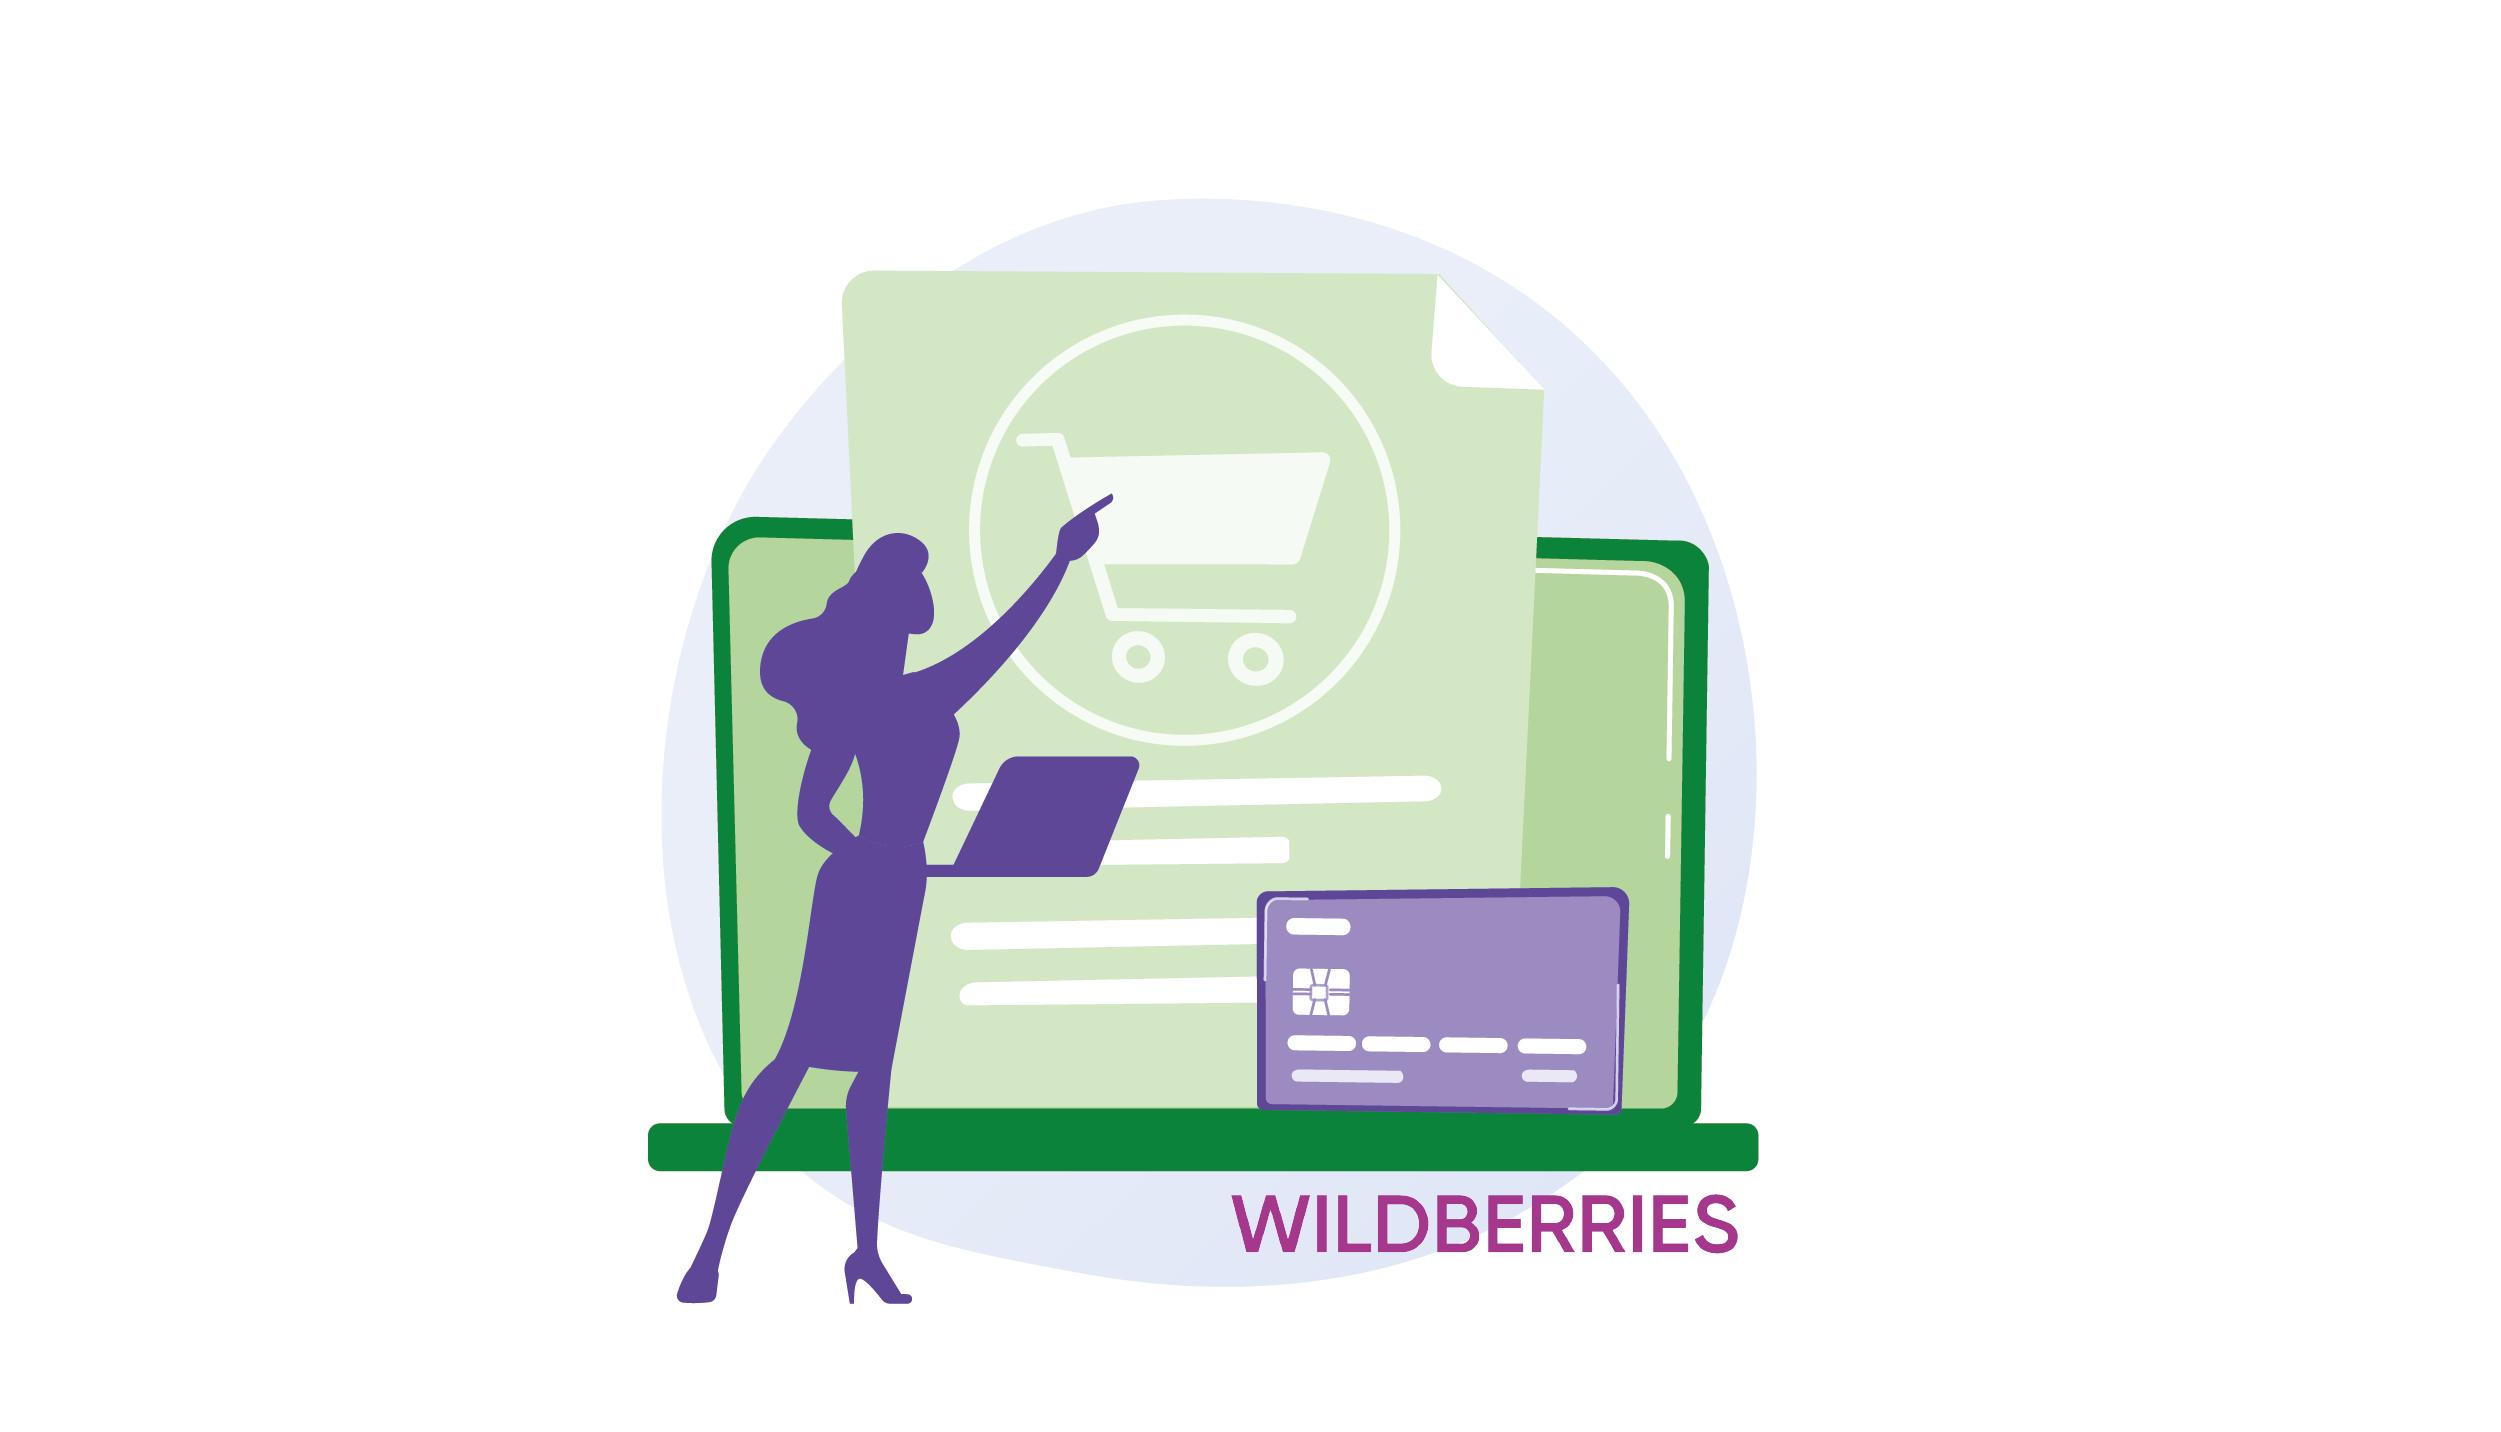 Карточка товара Wildberries: требования маркетплейса к фото, оформлению и контенту